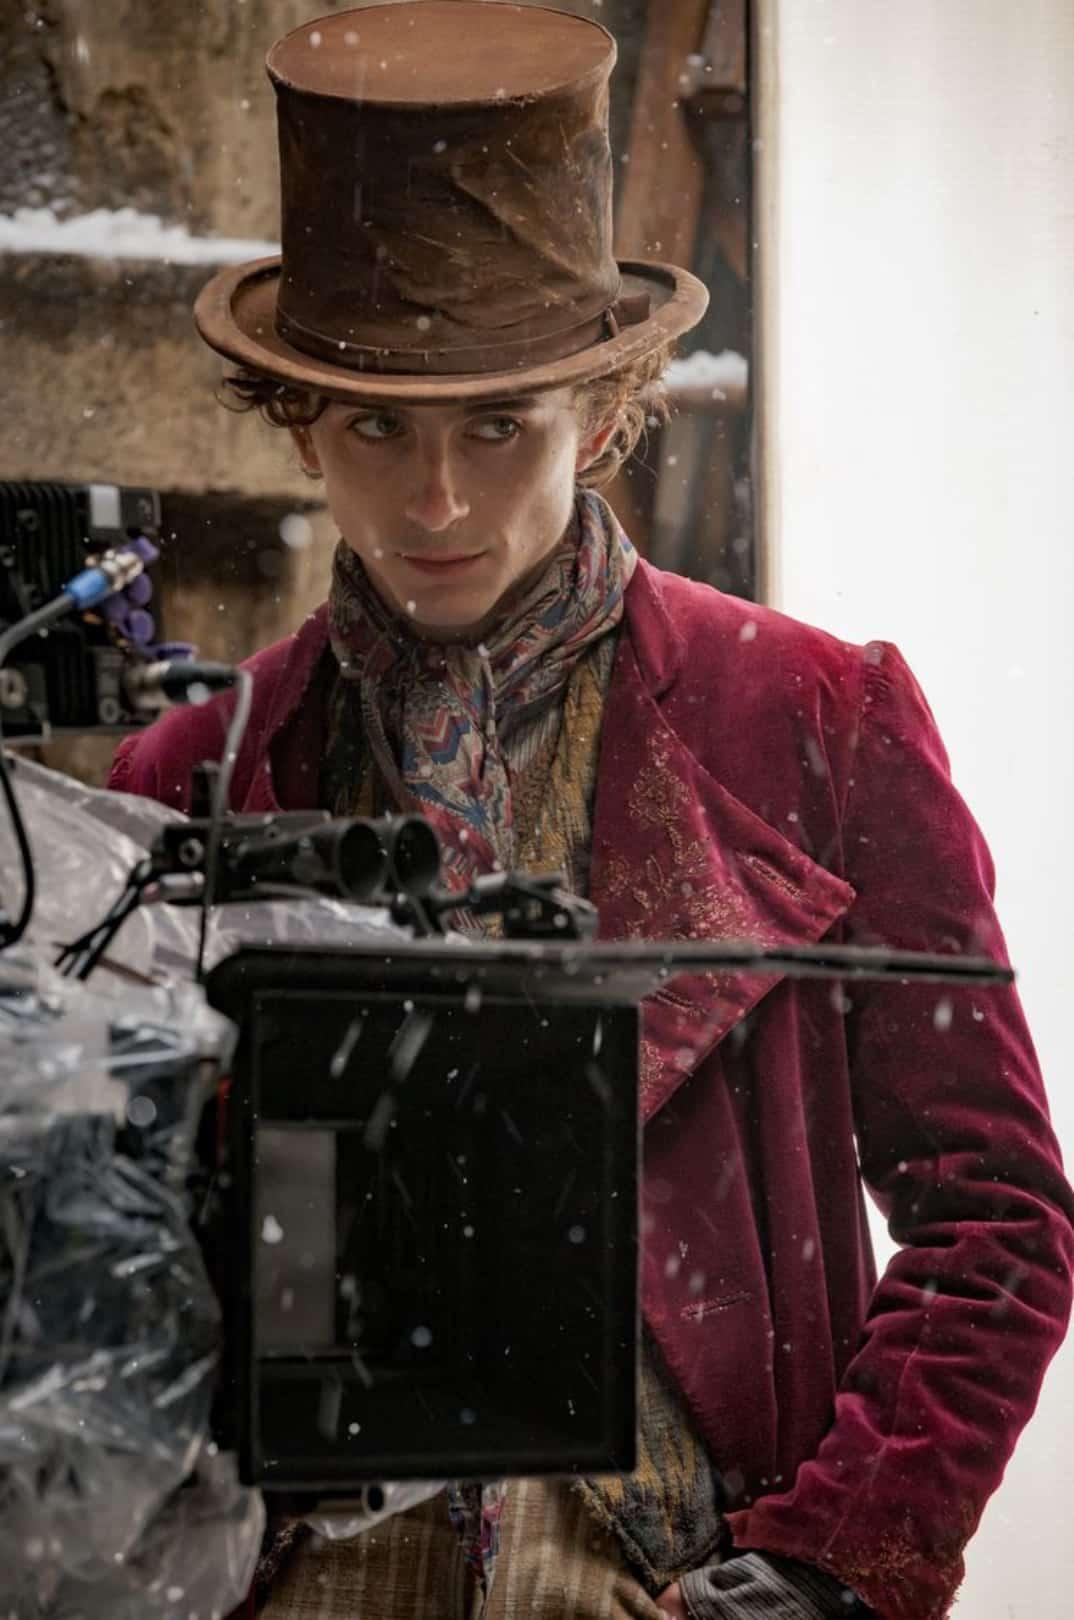 Revelan el look y reparto de precuela de Willy Wonka